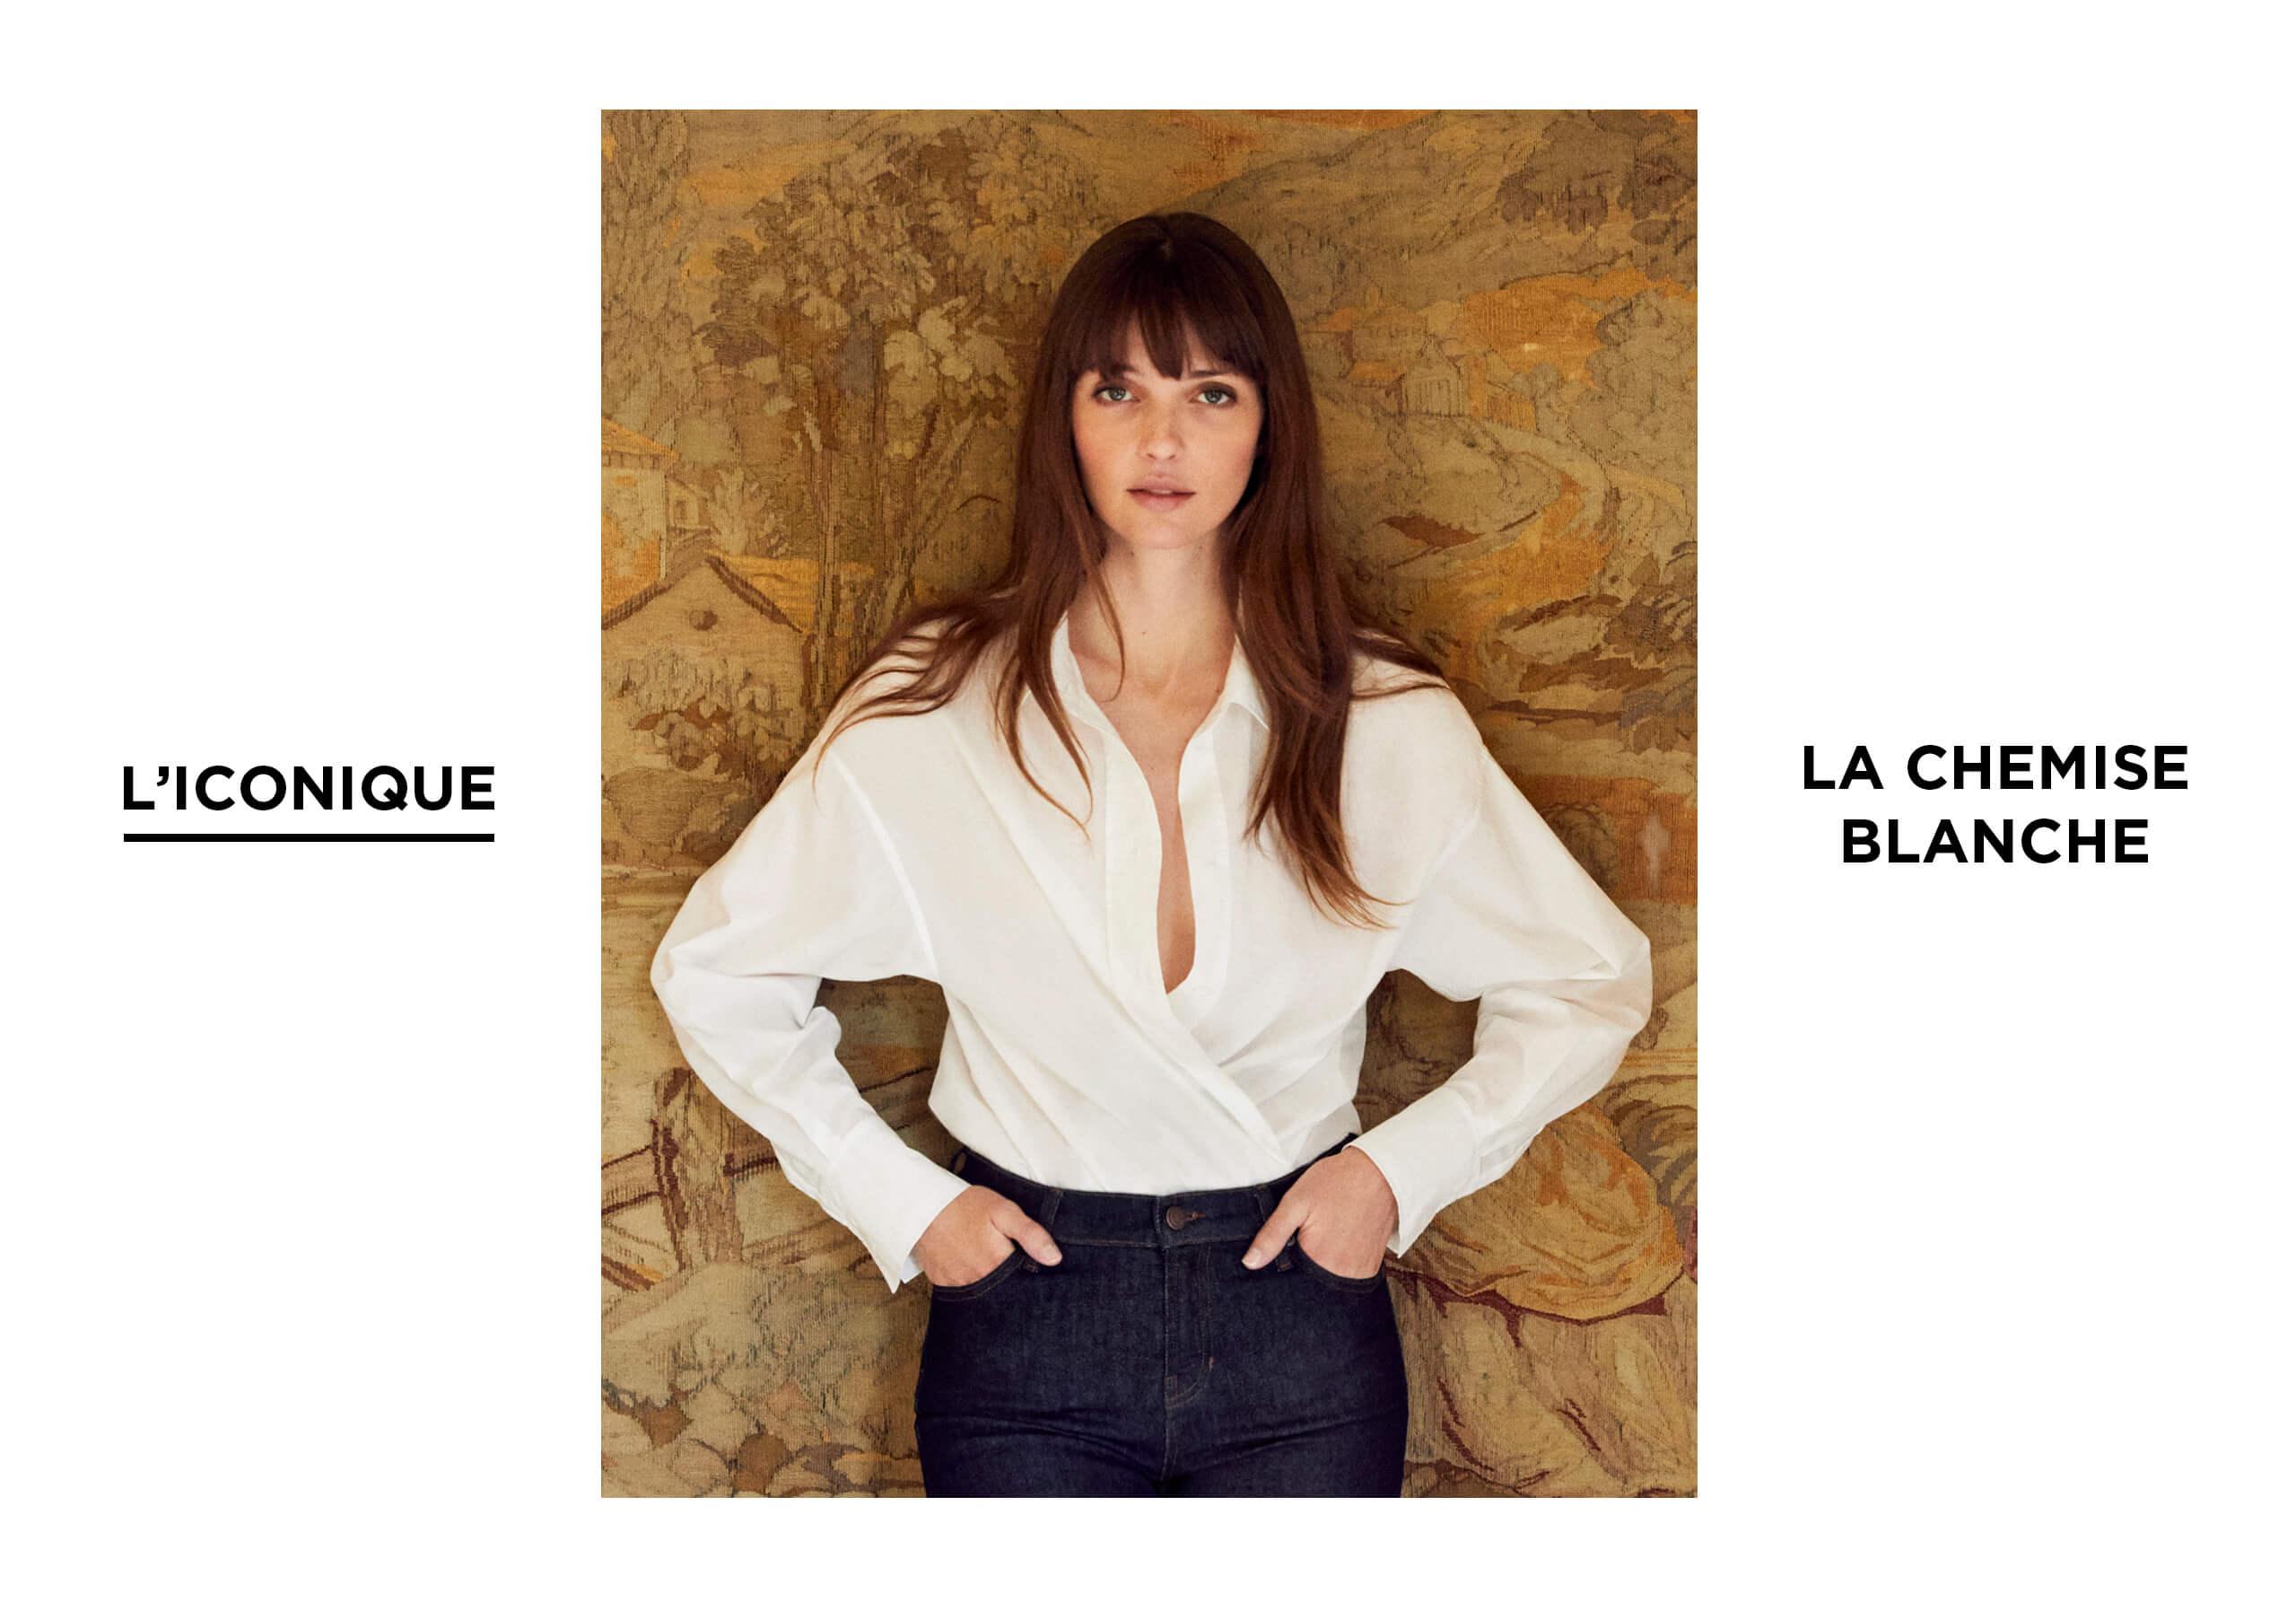 L'iconique - Chemise Blanche